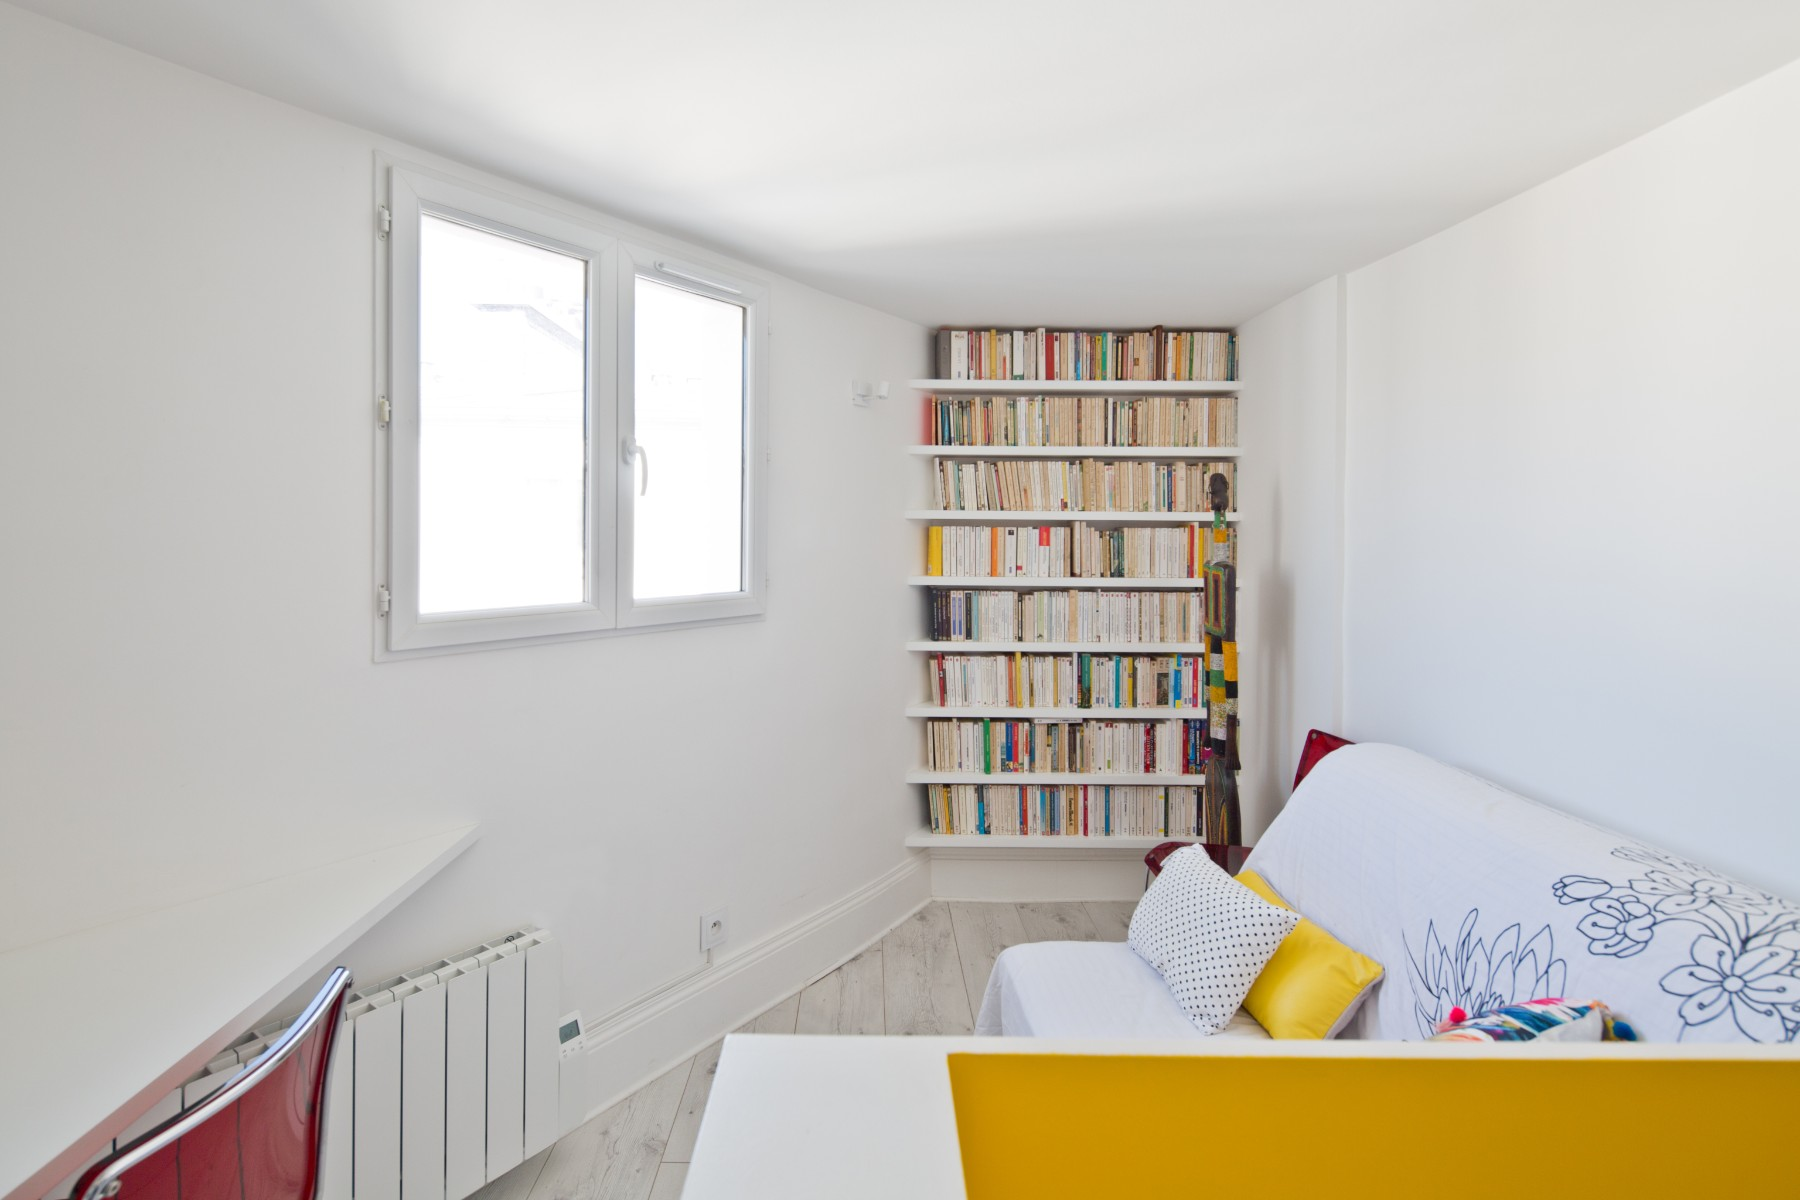 Rénovation d'un appartement en duplex à Paris par Archibien et son architecte - étage ancienne chambre de bonne